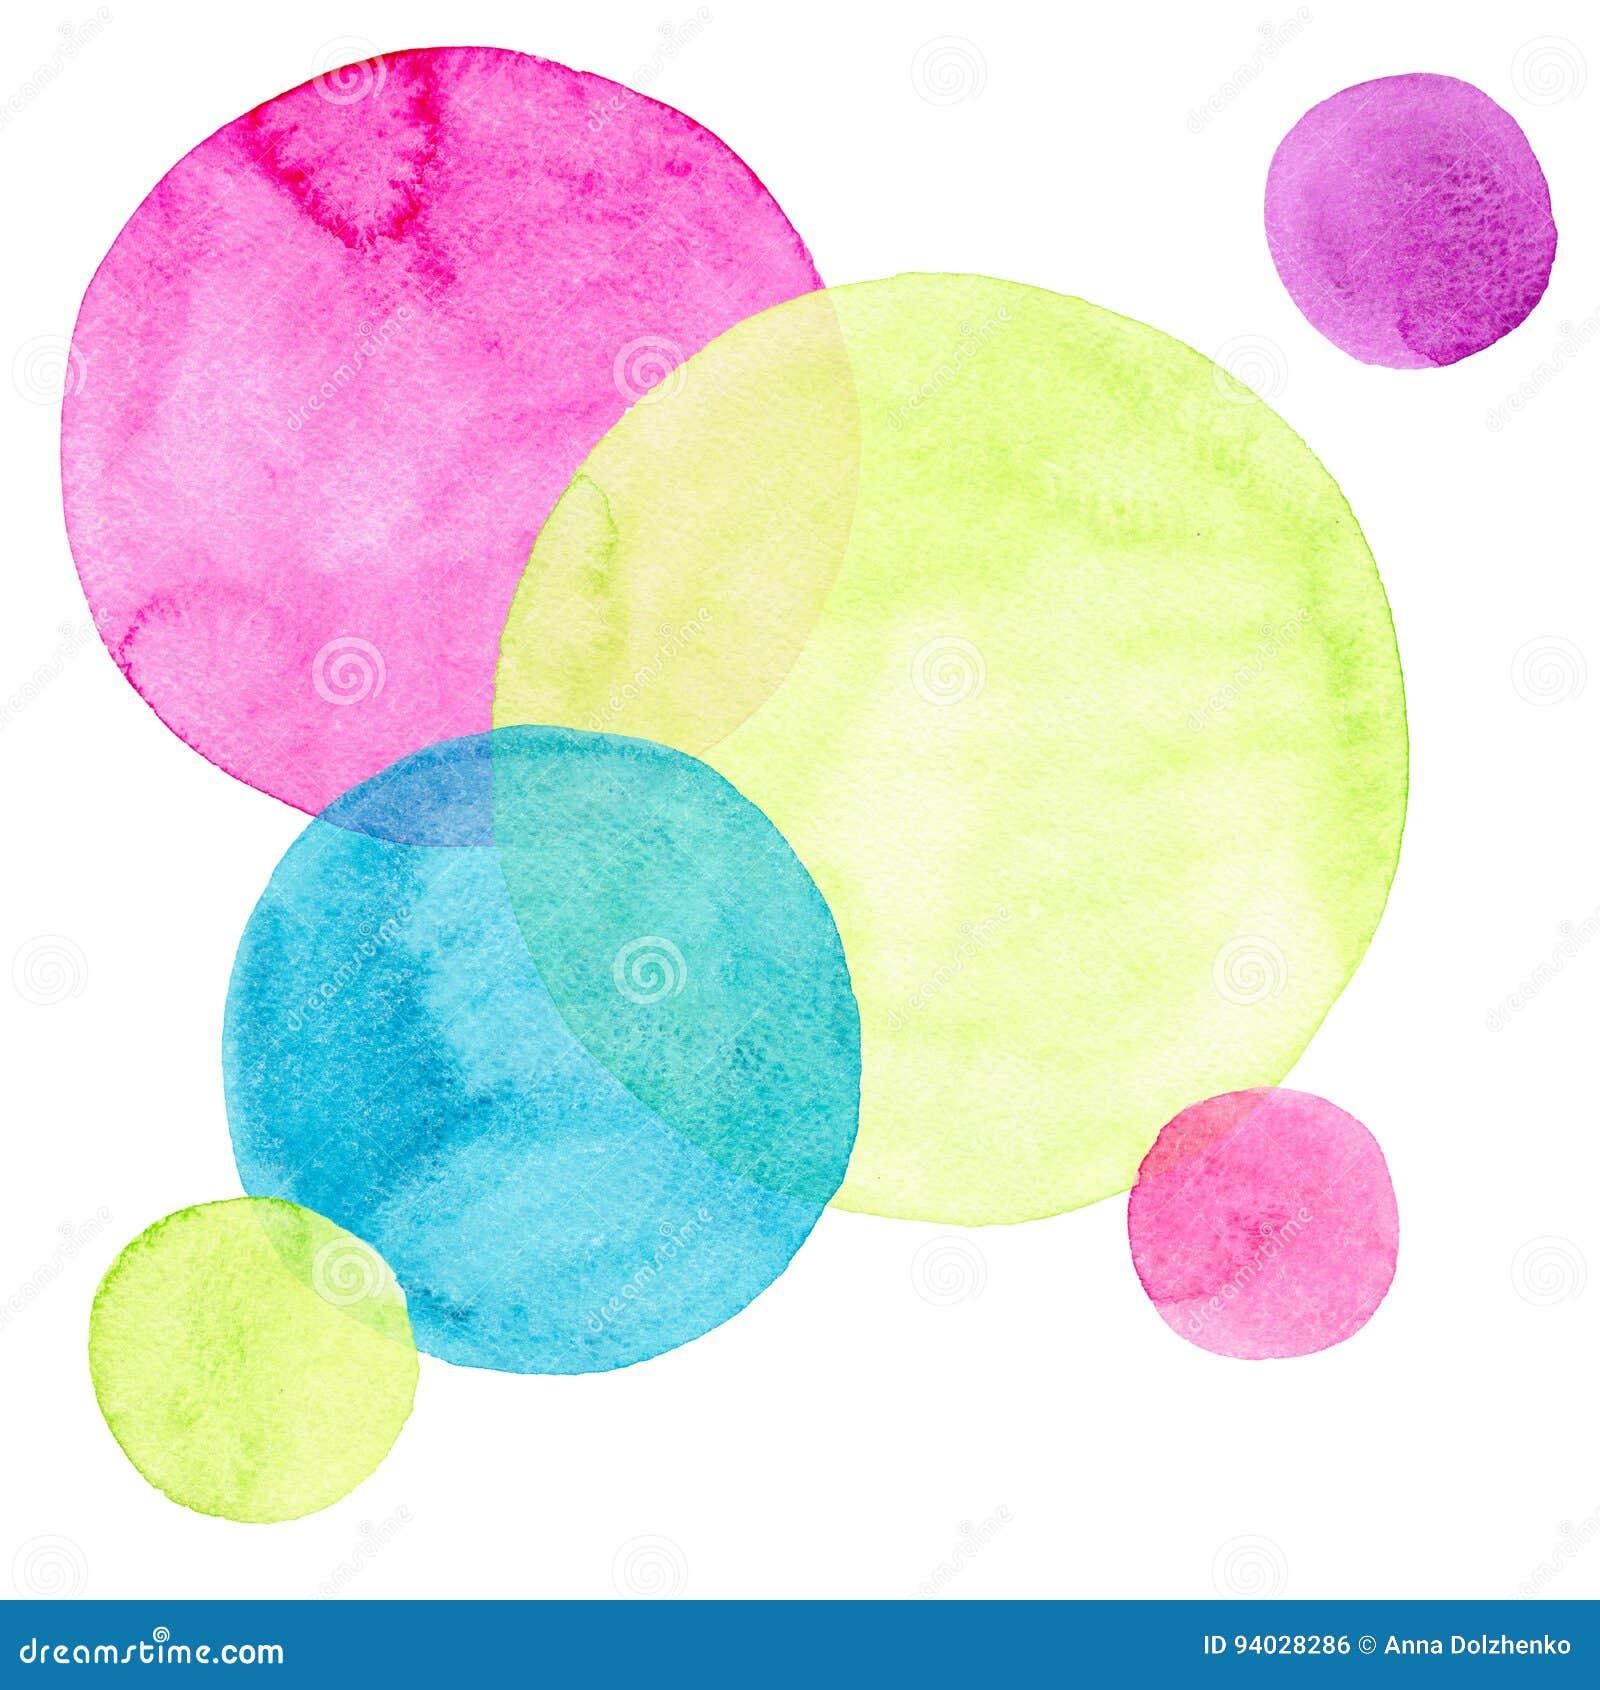 Verschiedene Formen der abstrakten schönen künstlerischen zarten wunderbaren transparenten hellen bunten Kreise kopieren Aquarell